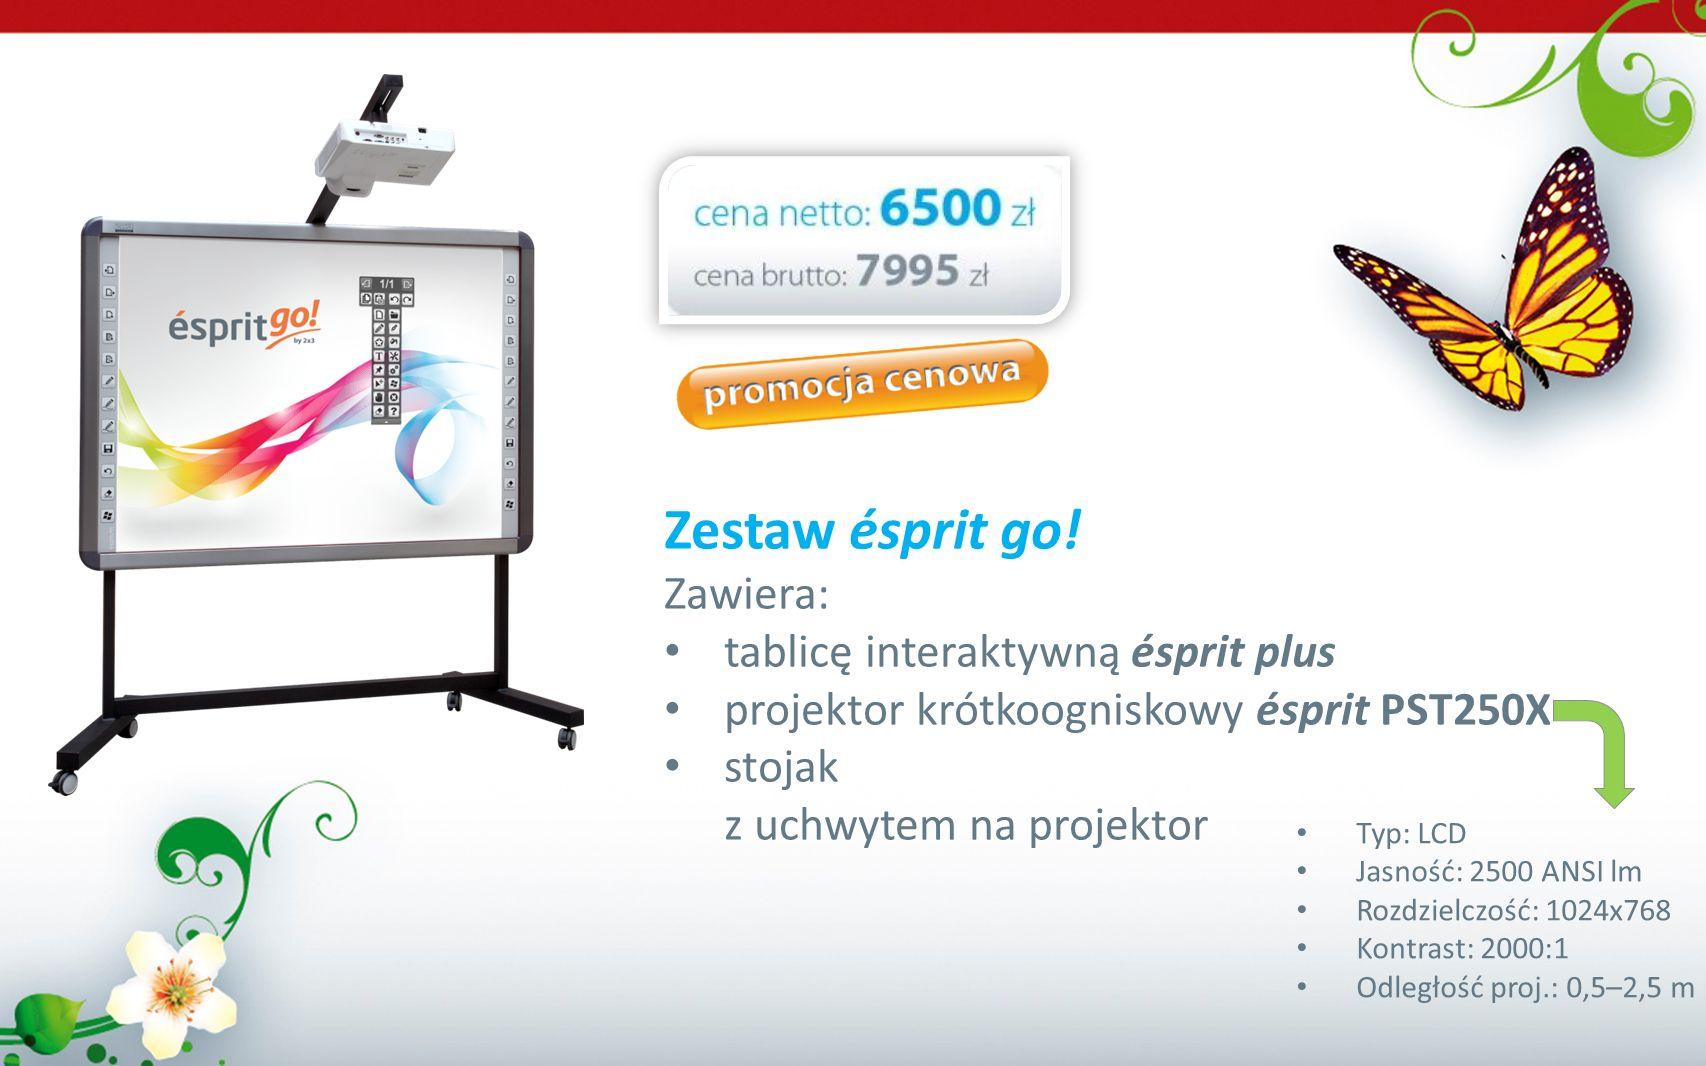 Zestaw ésprit go! Zawiera: tablicę interaktywną ésprit plus projektor krótkoogniskowy ésprit PST250X stojak z uchwytem na projektor Typ: LCD Jasność: